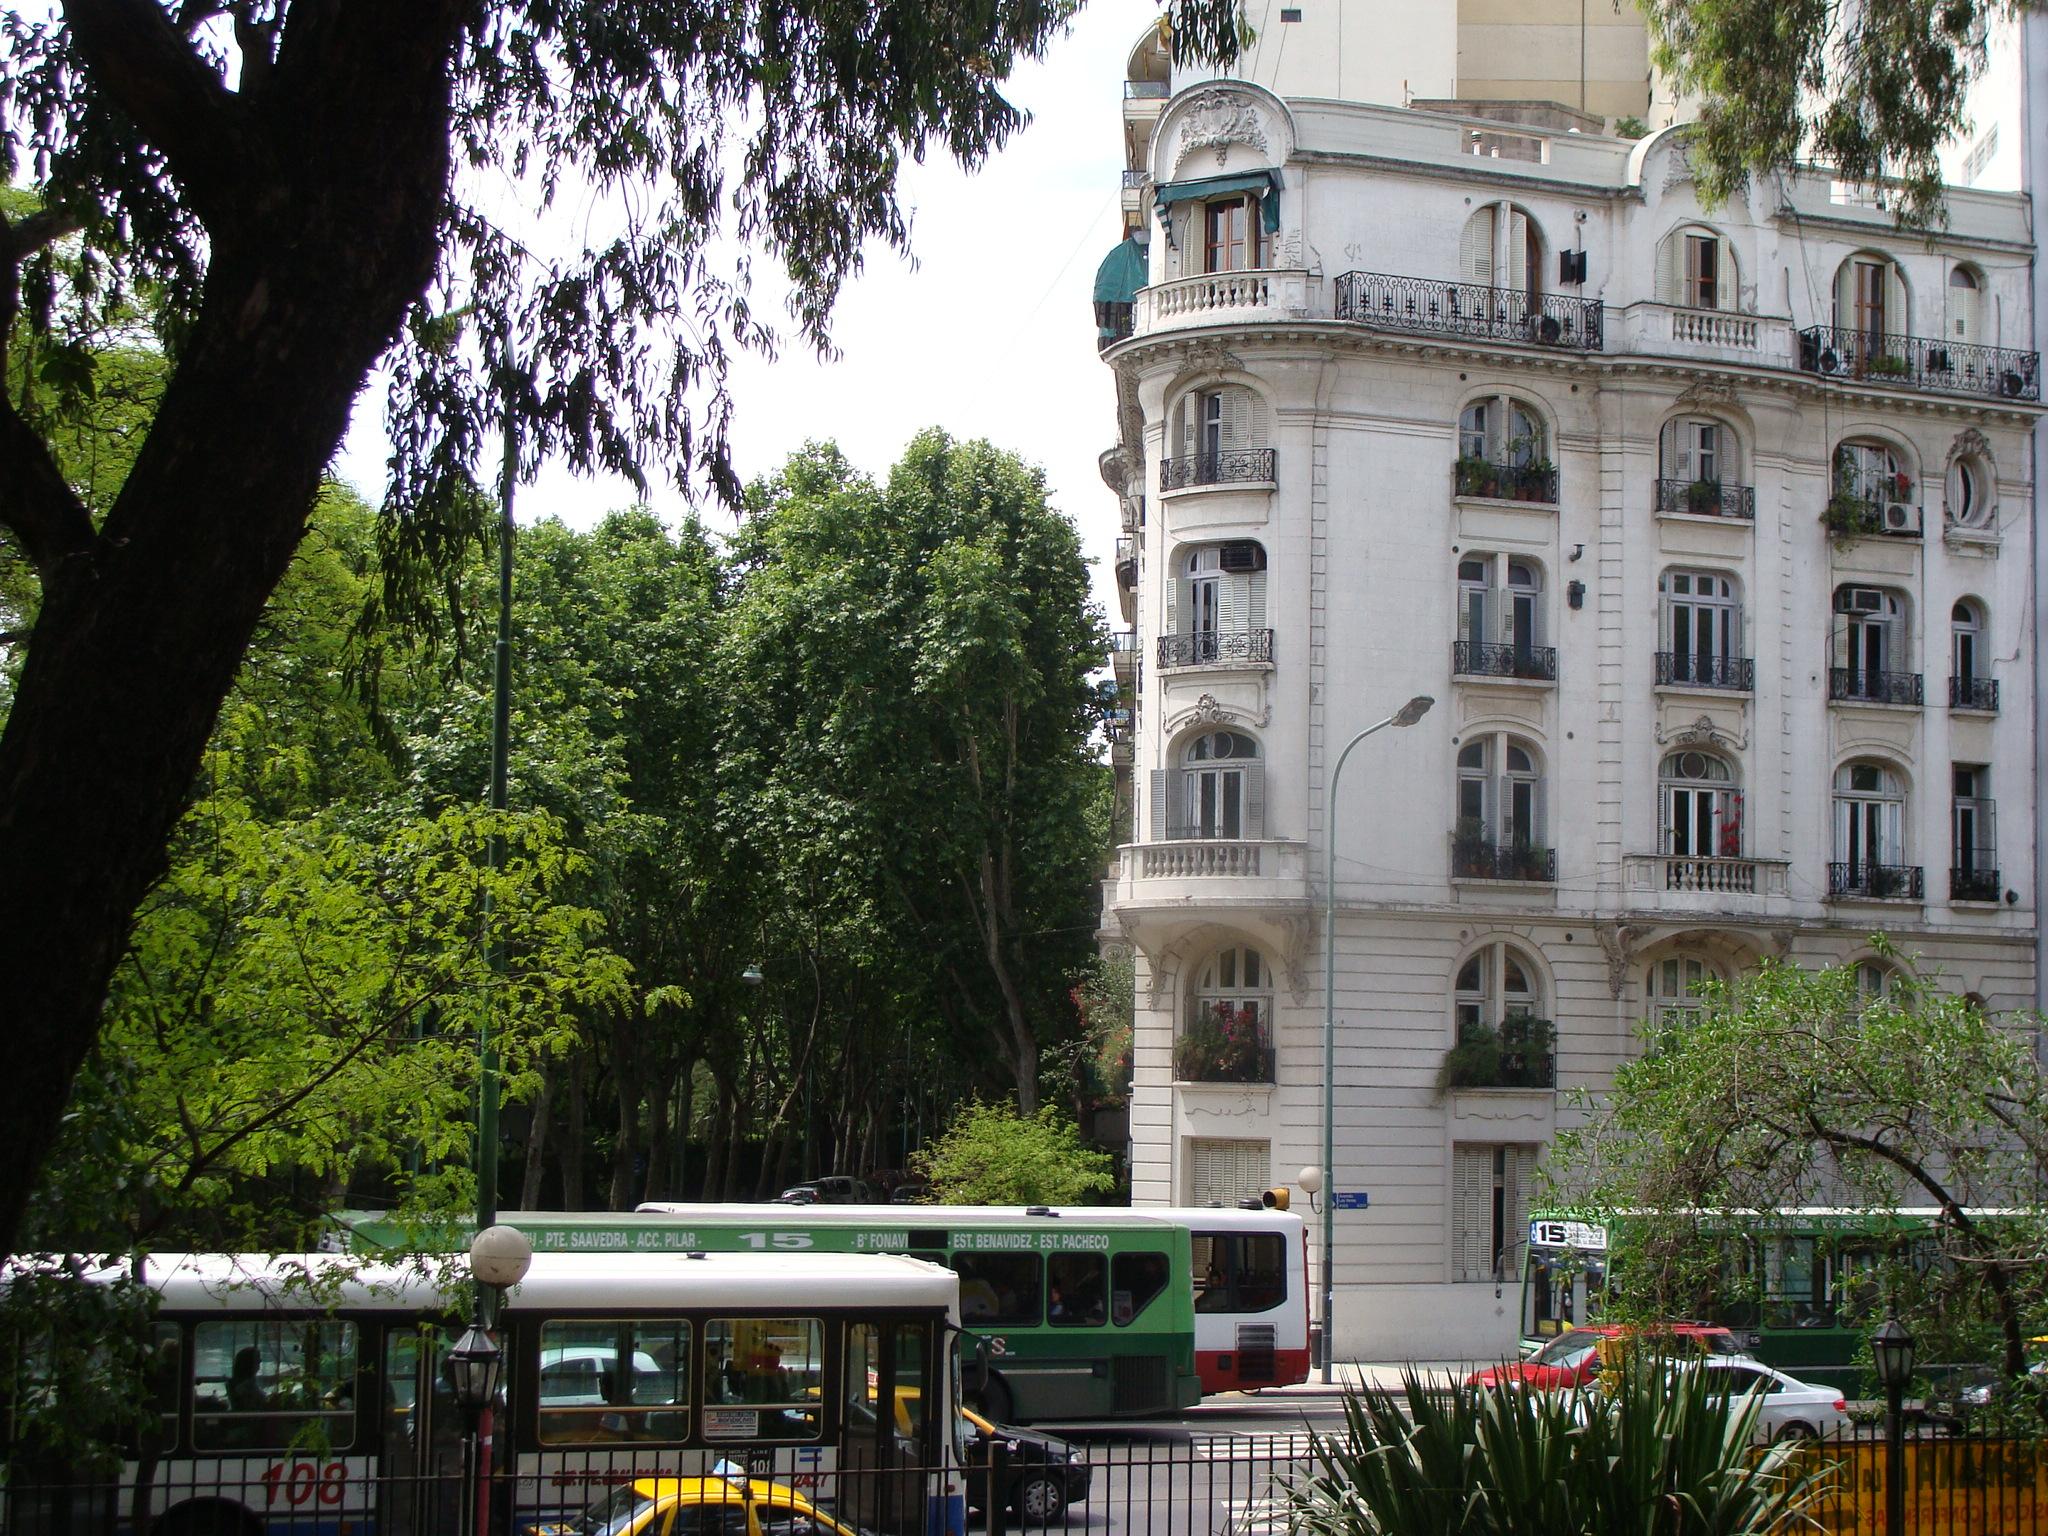 ブエノスアイレスの美しさ : 主観的アルゼンチン/ブエノスアイレス事情